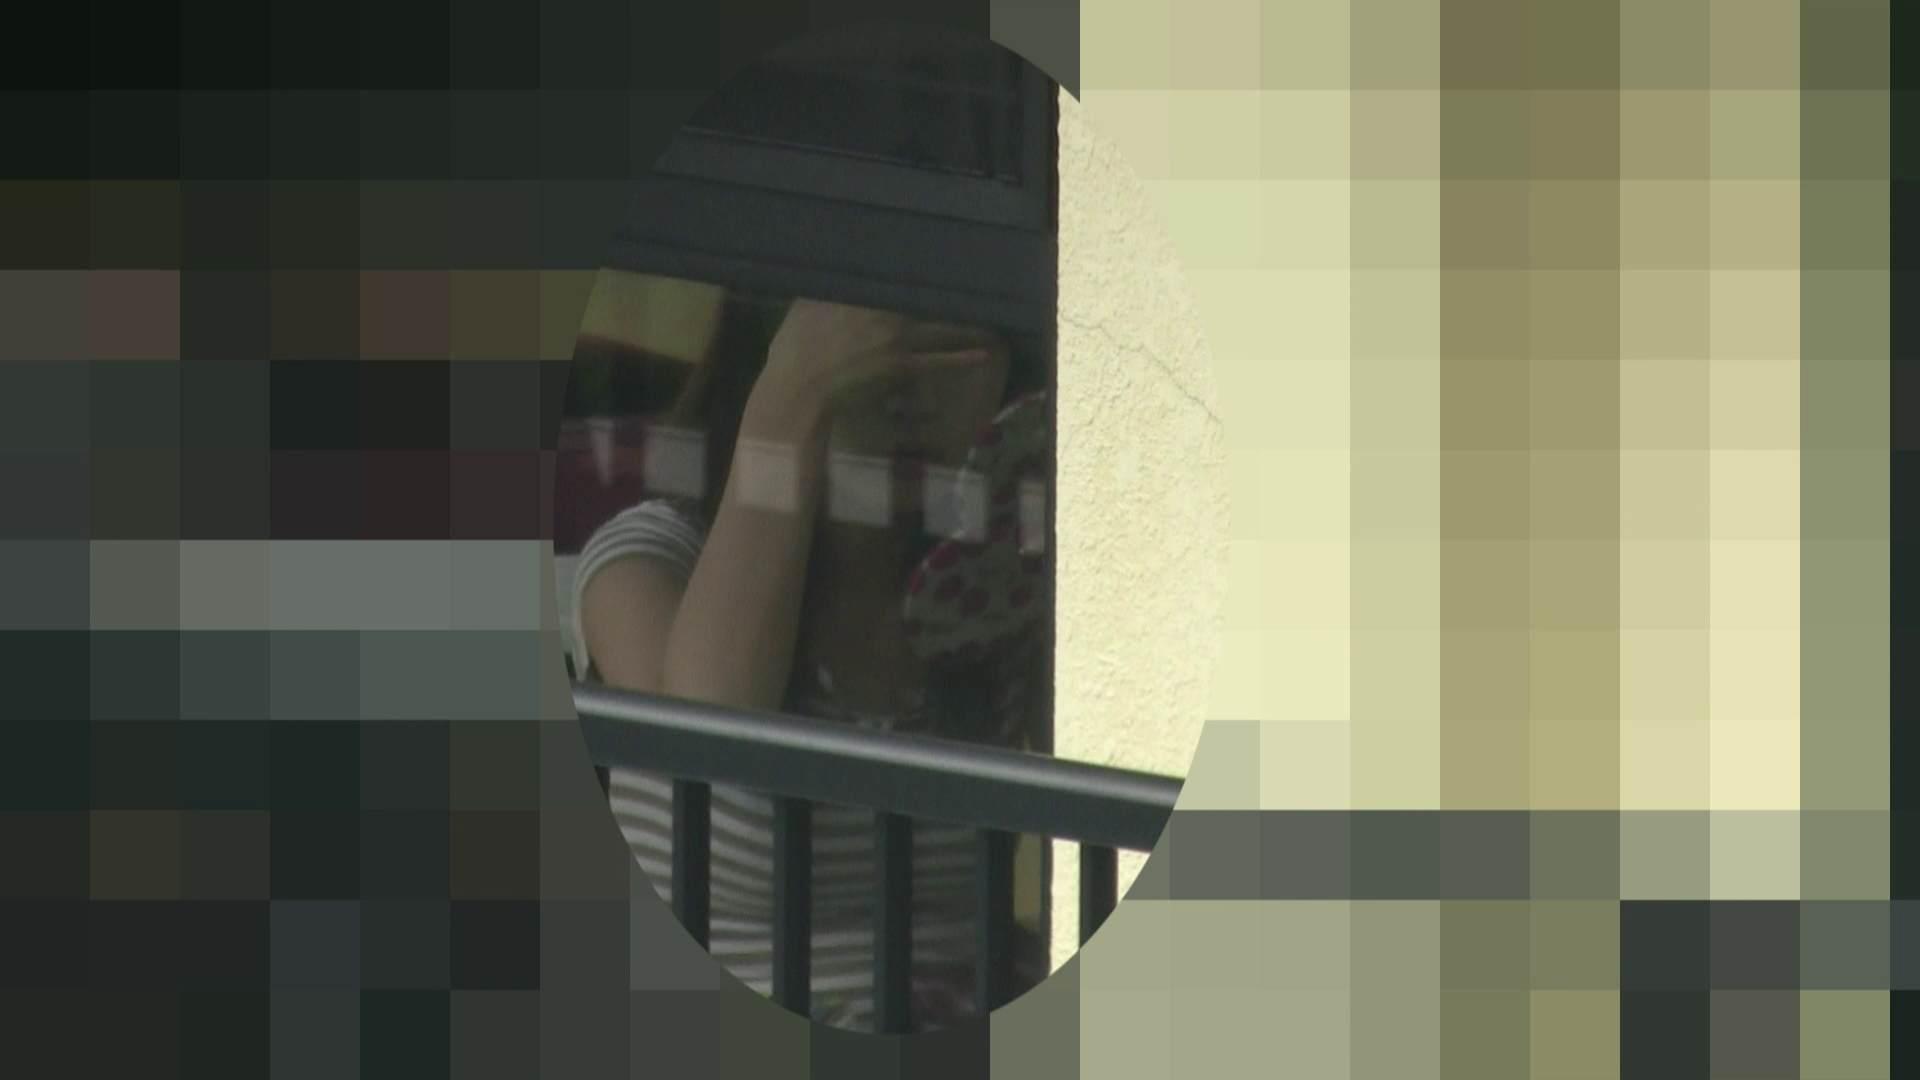 高画質露天女風呂観察 vol.032 美しいOLの裸体 AV無料動画キャプチャ 83pic 58